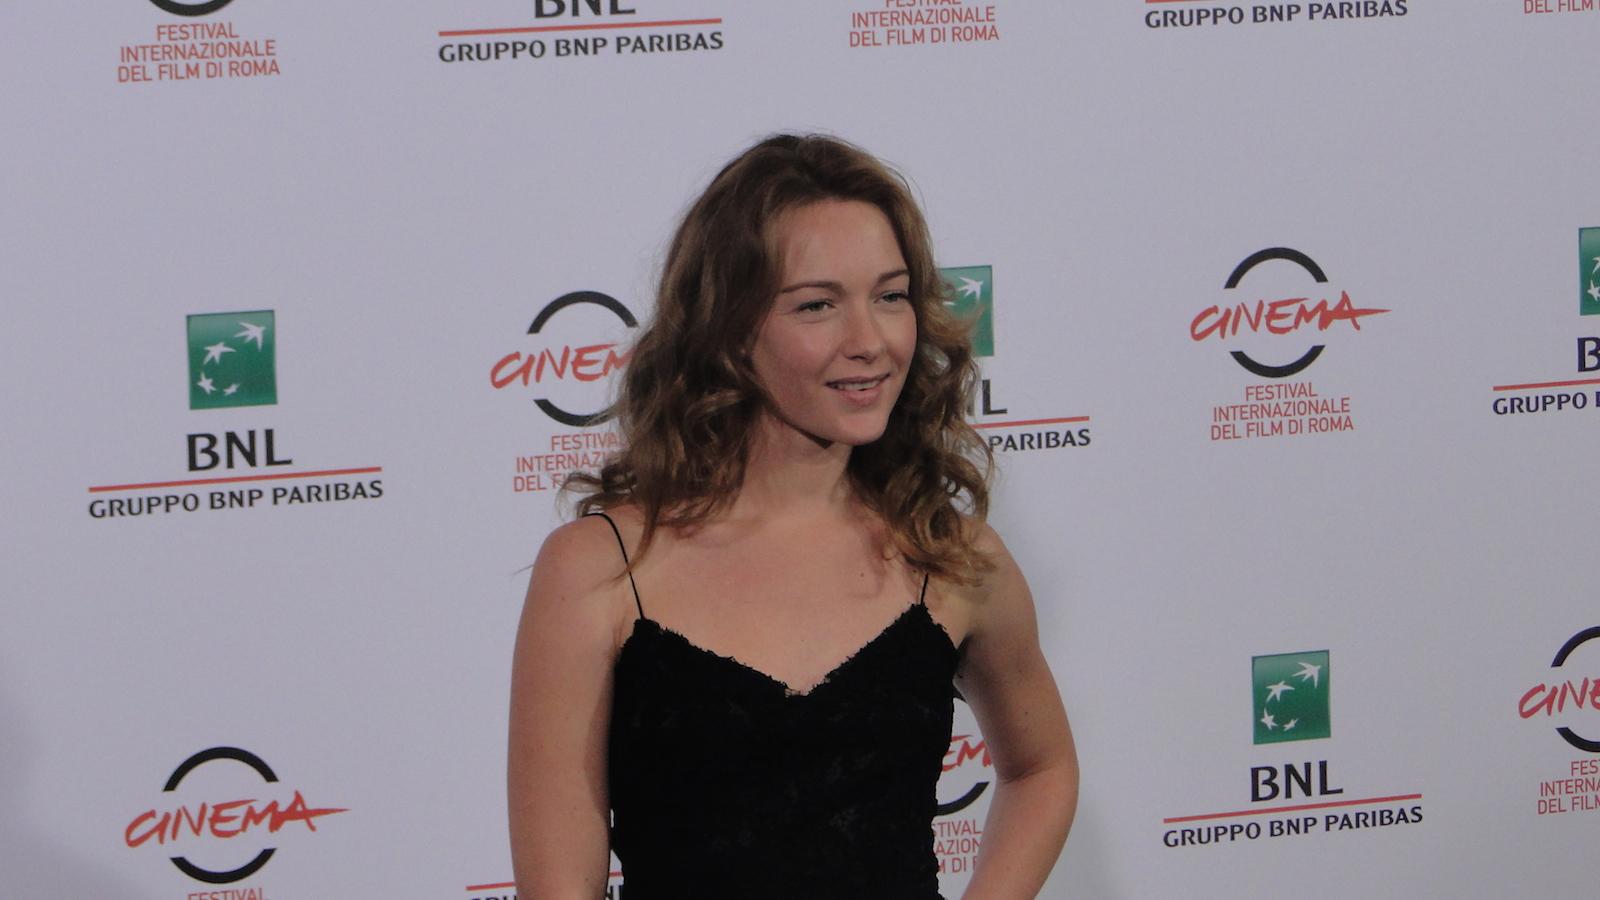 Soap Opera: Cristiana Capotondi posa al photocall di Roma 2014